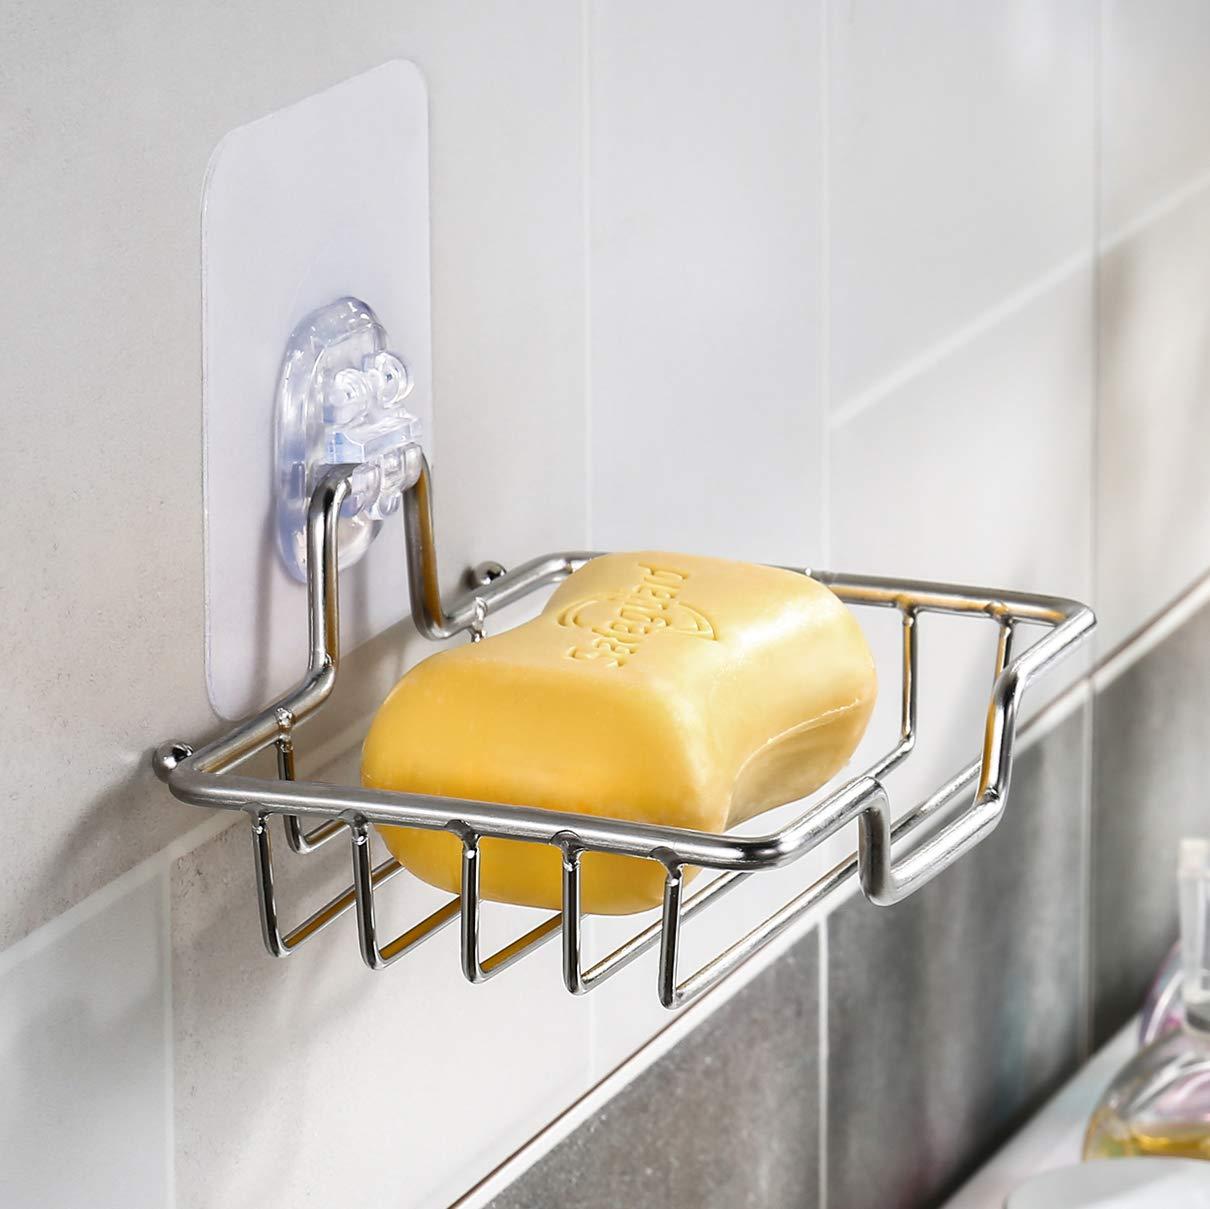 transparent Klebestreifen Pads Wangel Seifenschale Seifenhalter ohne Bohren Edelstahl Poliertes Finish